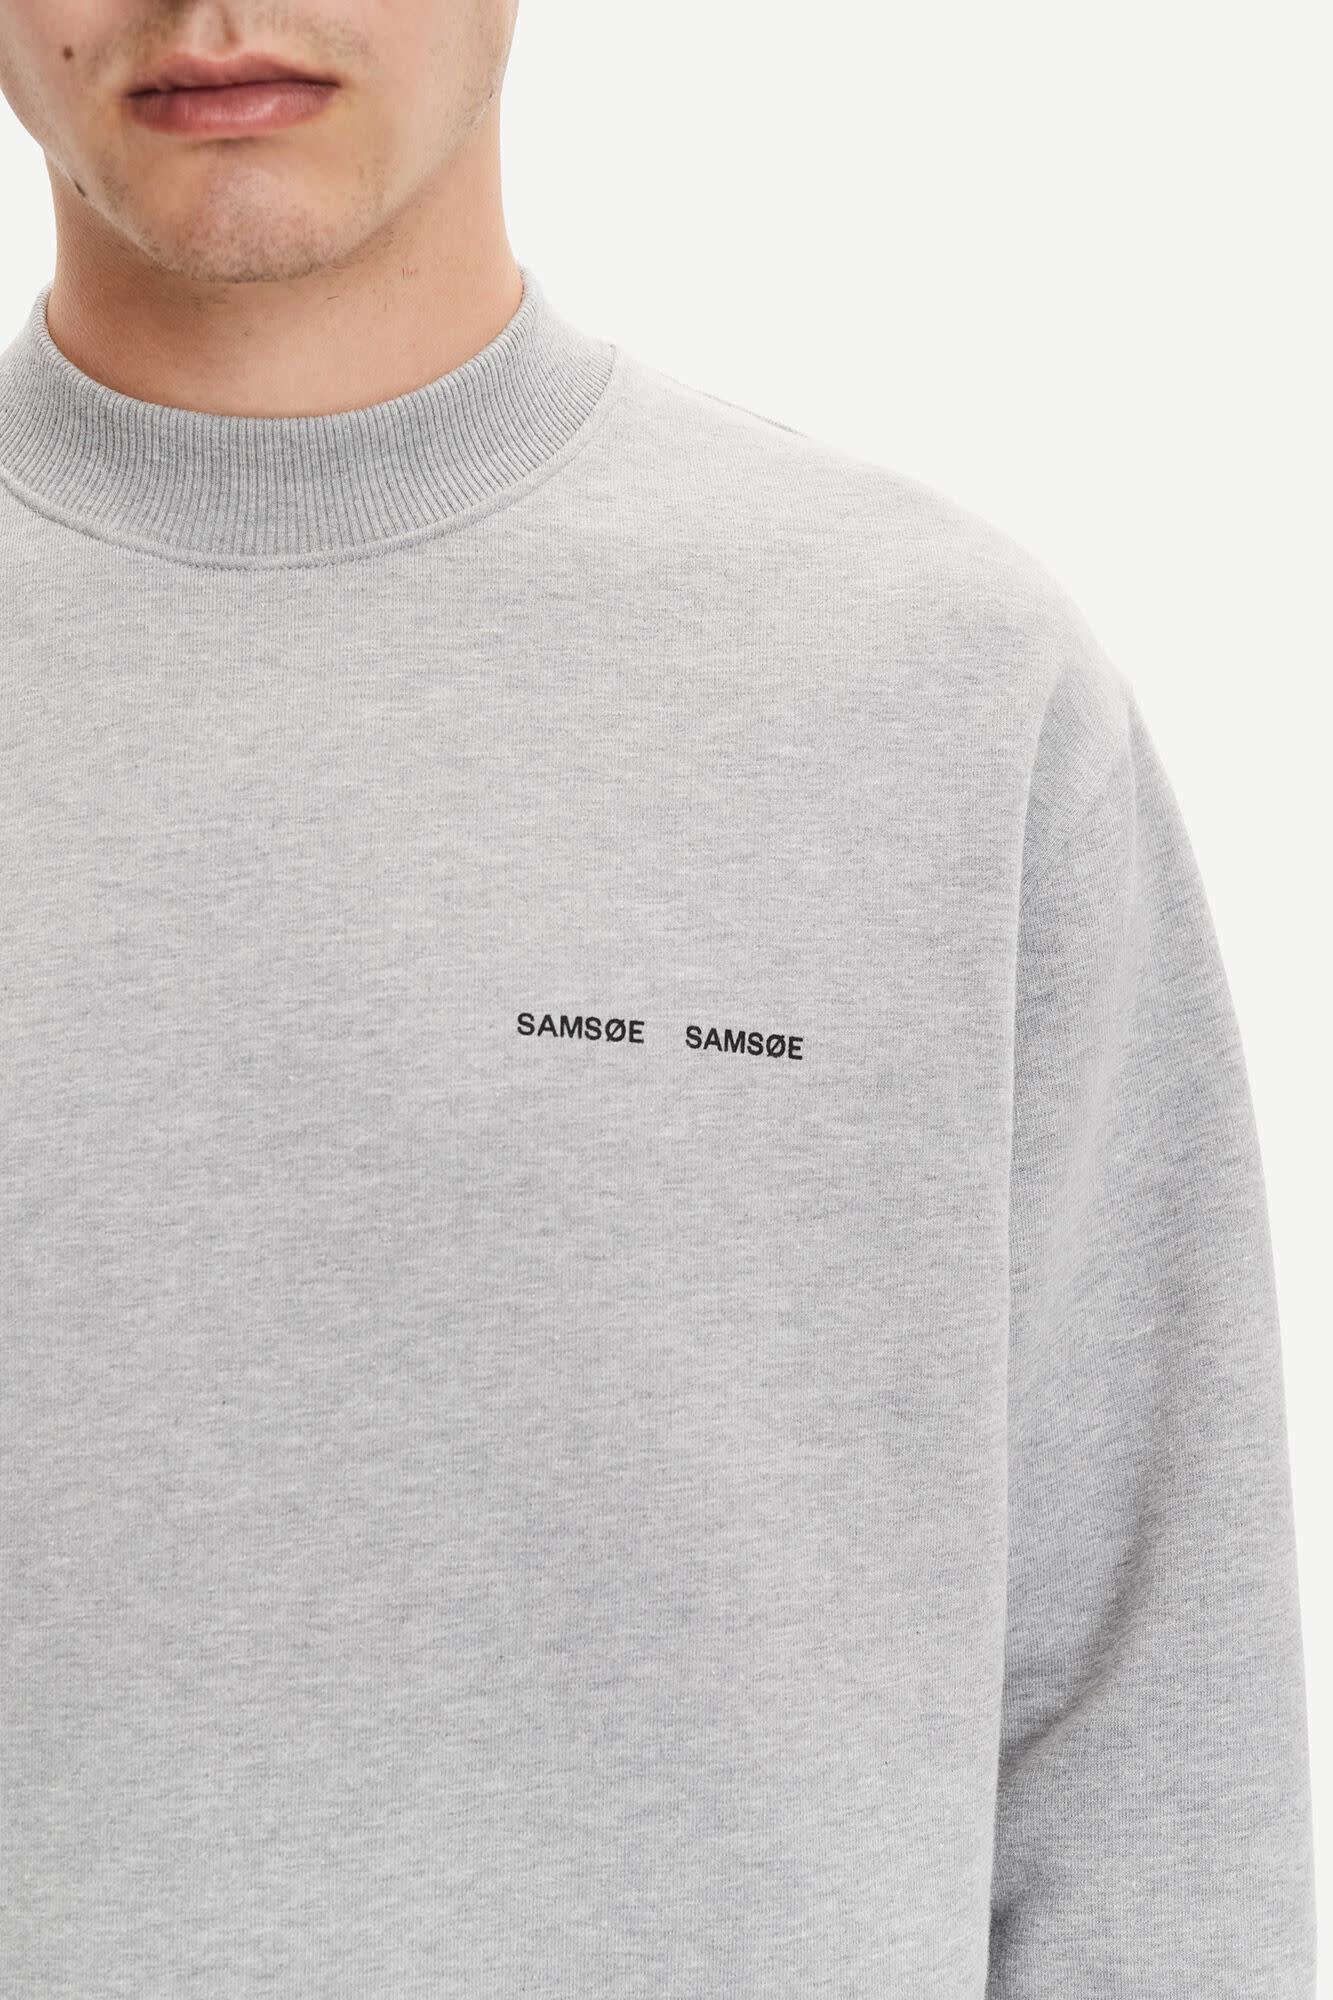 Norsbro Crew Neck Sweatshirt Grey-2